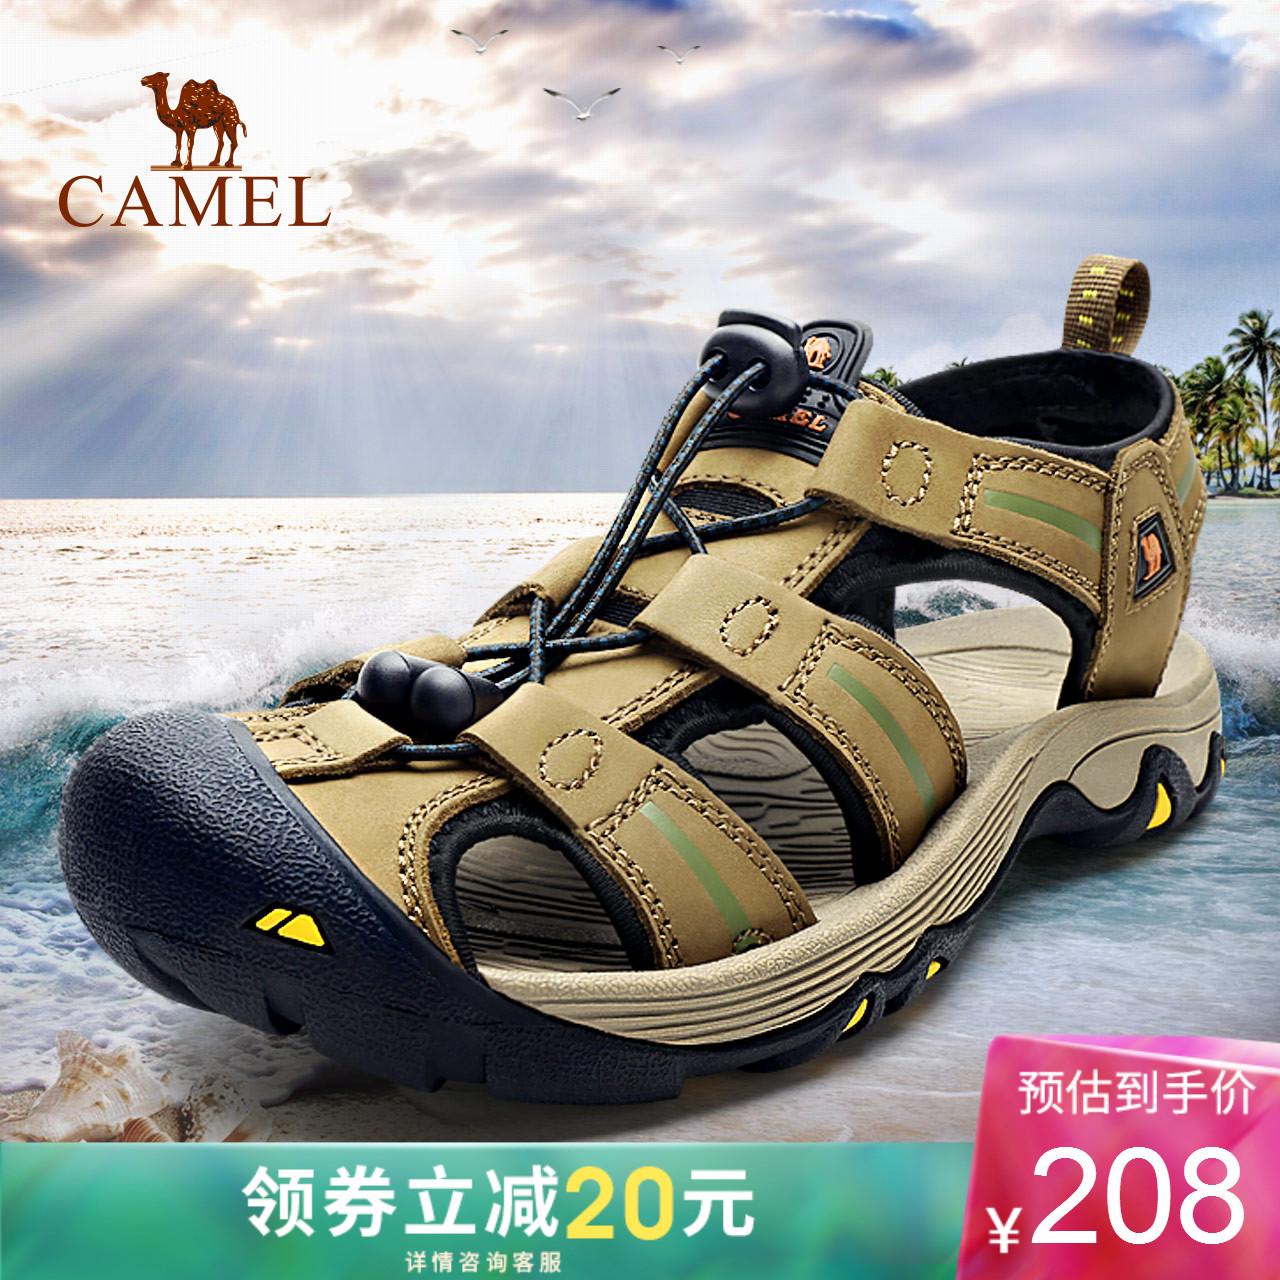 駱駝戶外沙灘鞋男女 春夏頭層牛皮包頭防撞耐磨涼鞋